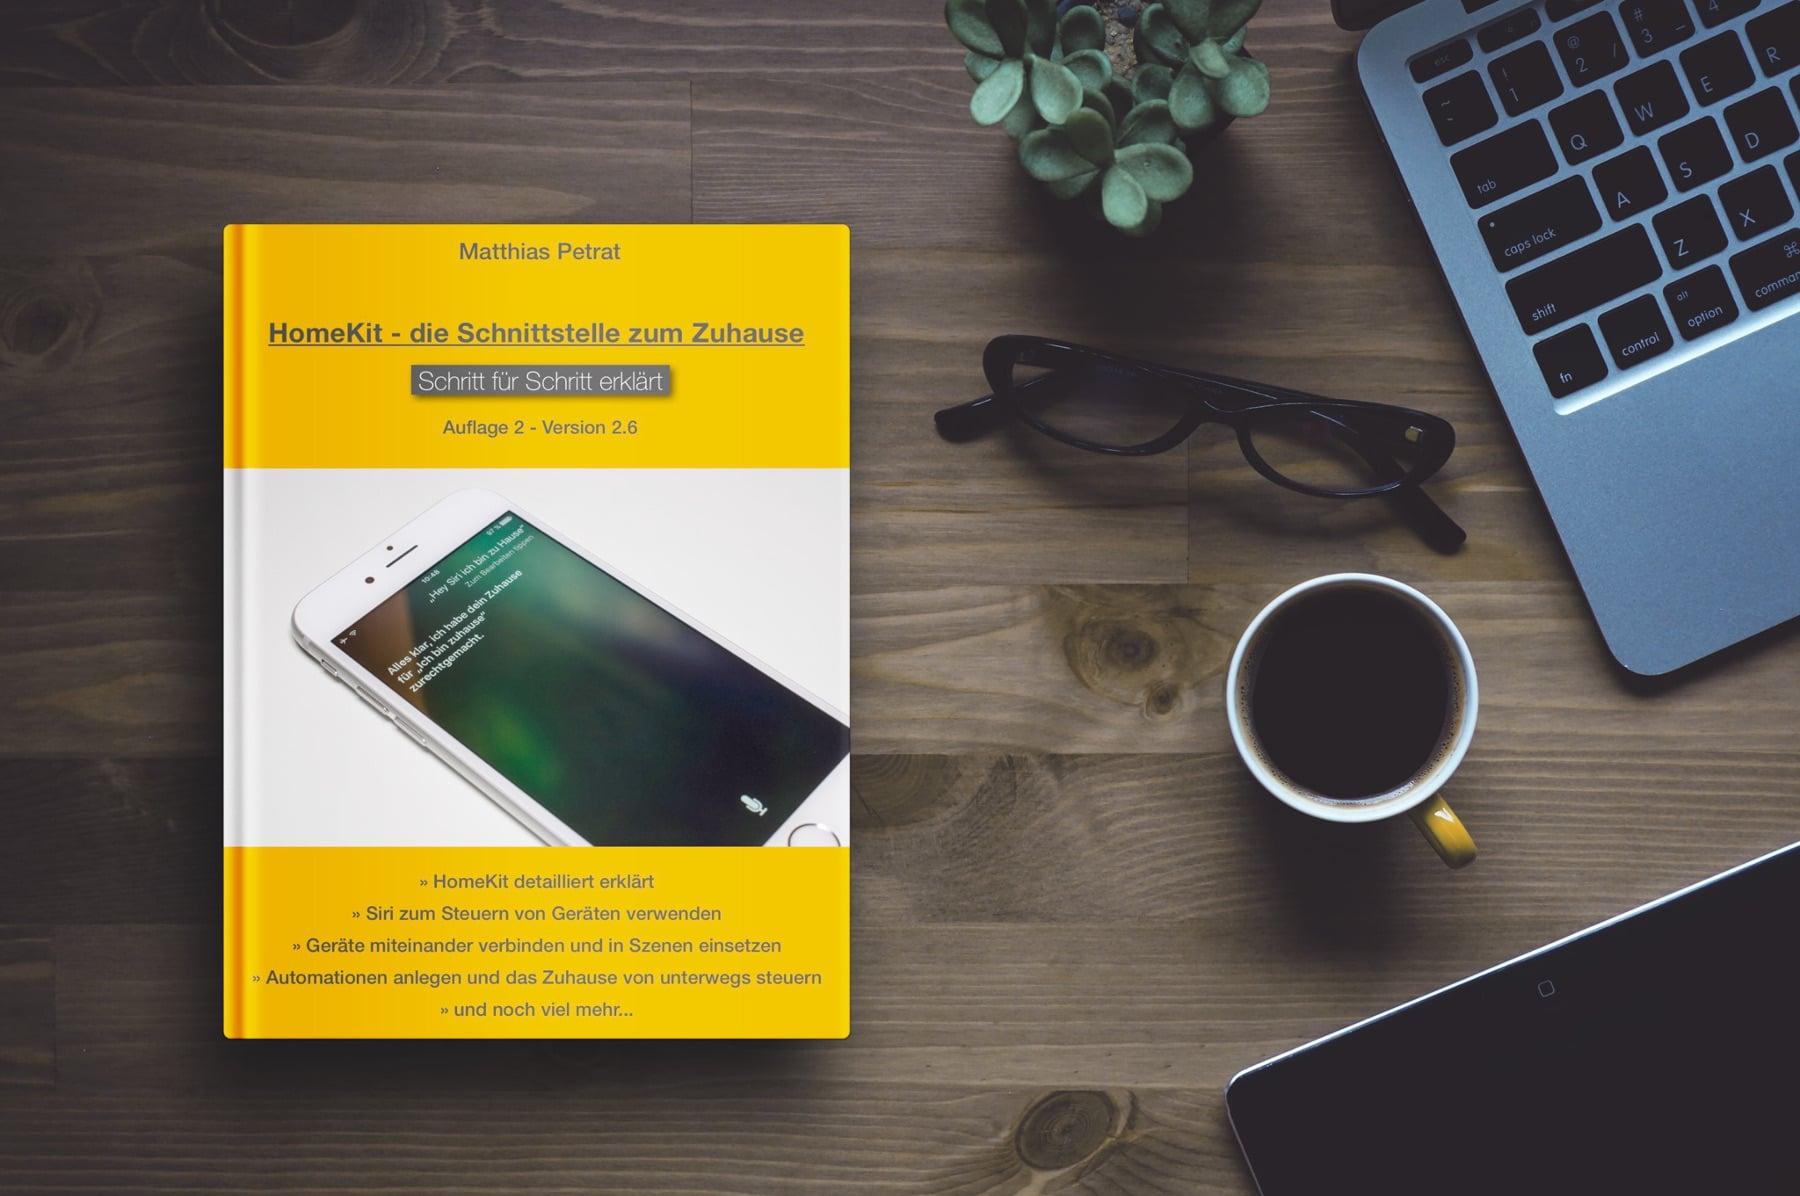 HomeKit Buch in Version 2.6 erschienen